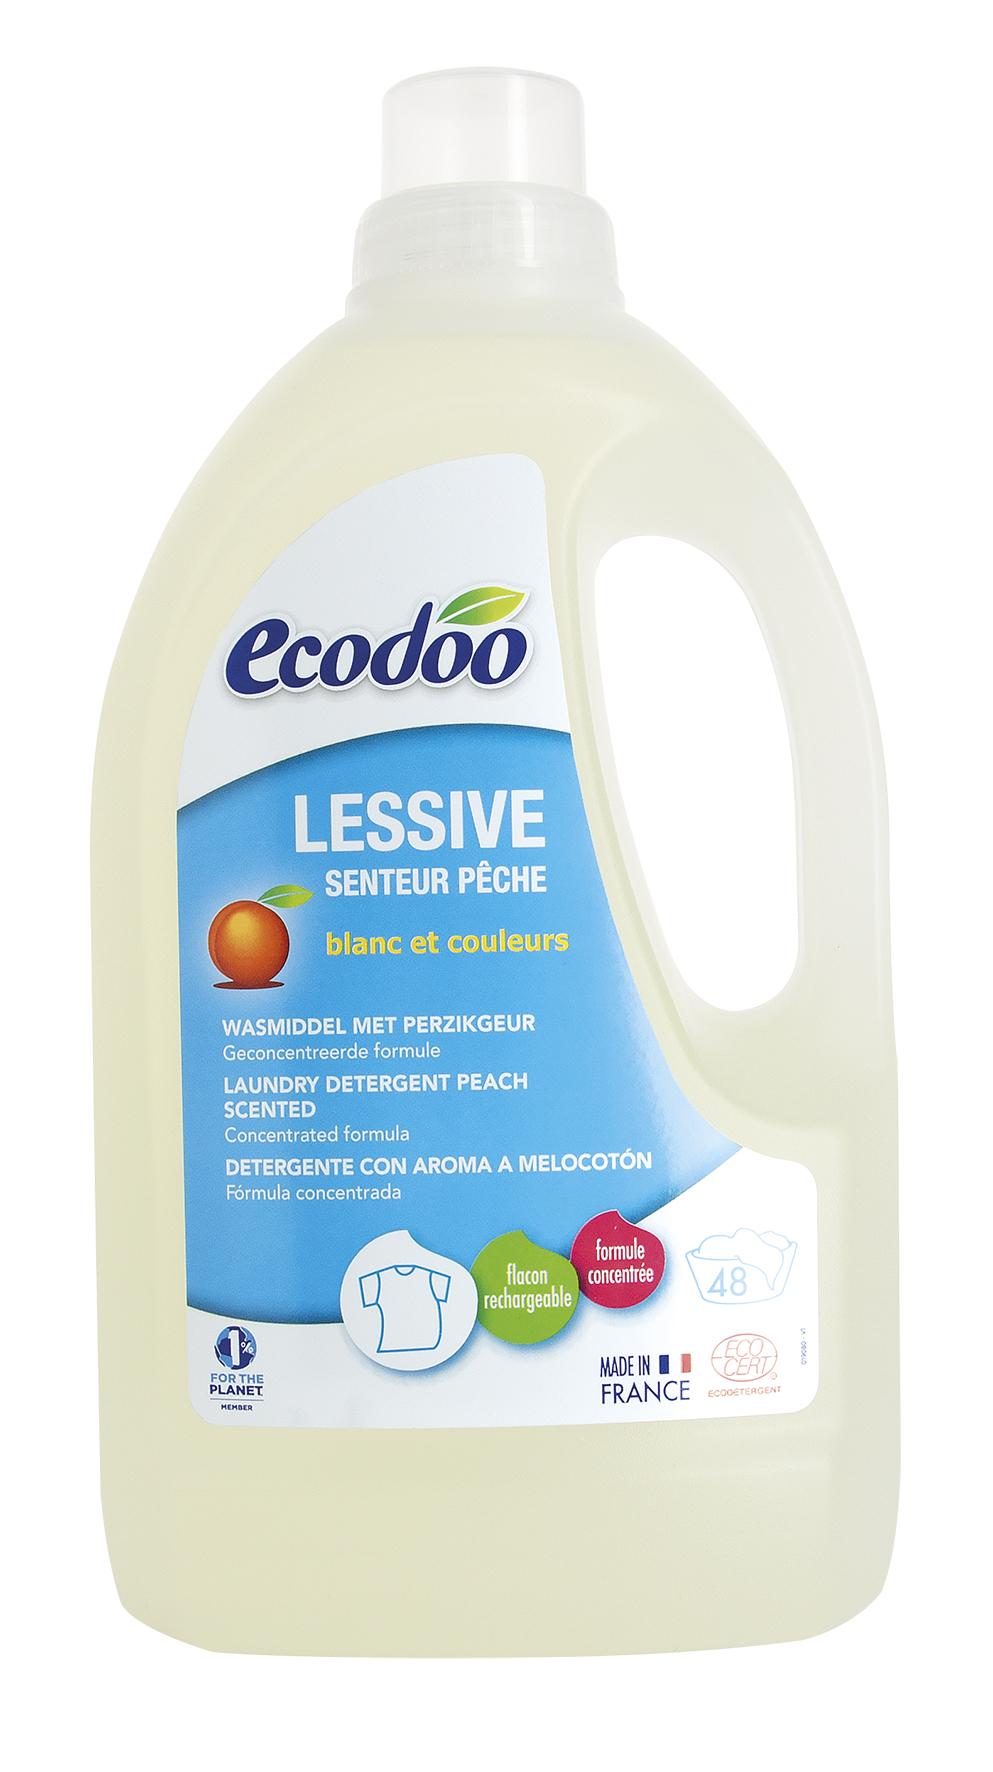 Lessive concentrée senteur pêche, Ecodoo (1.5 l)